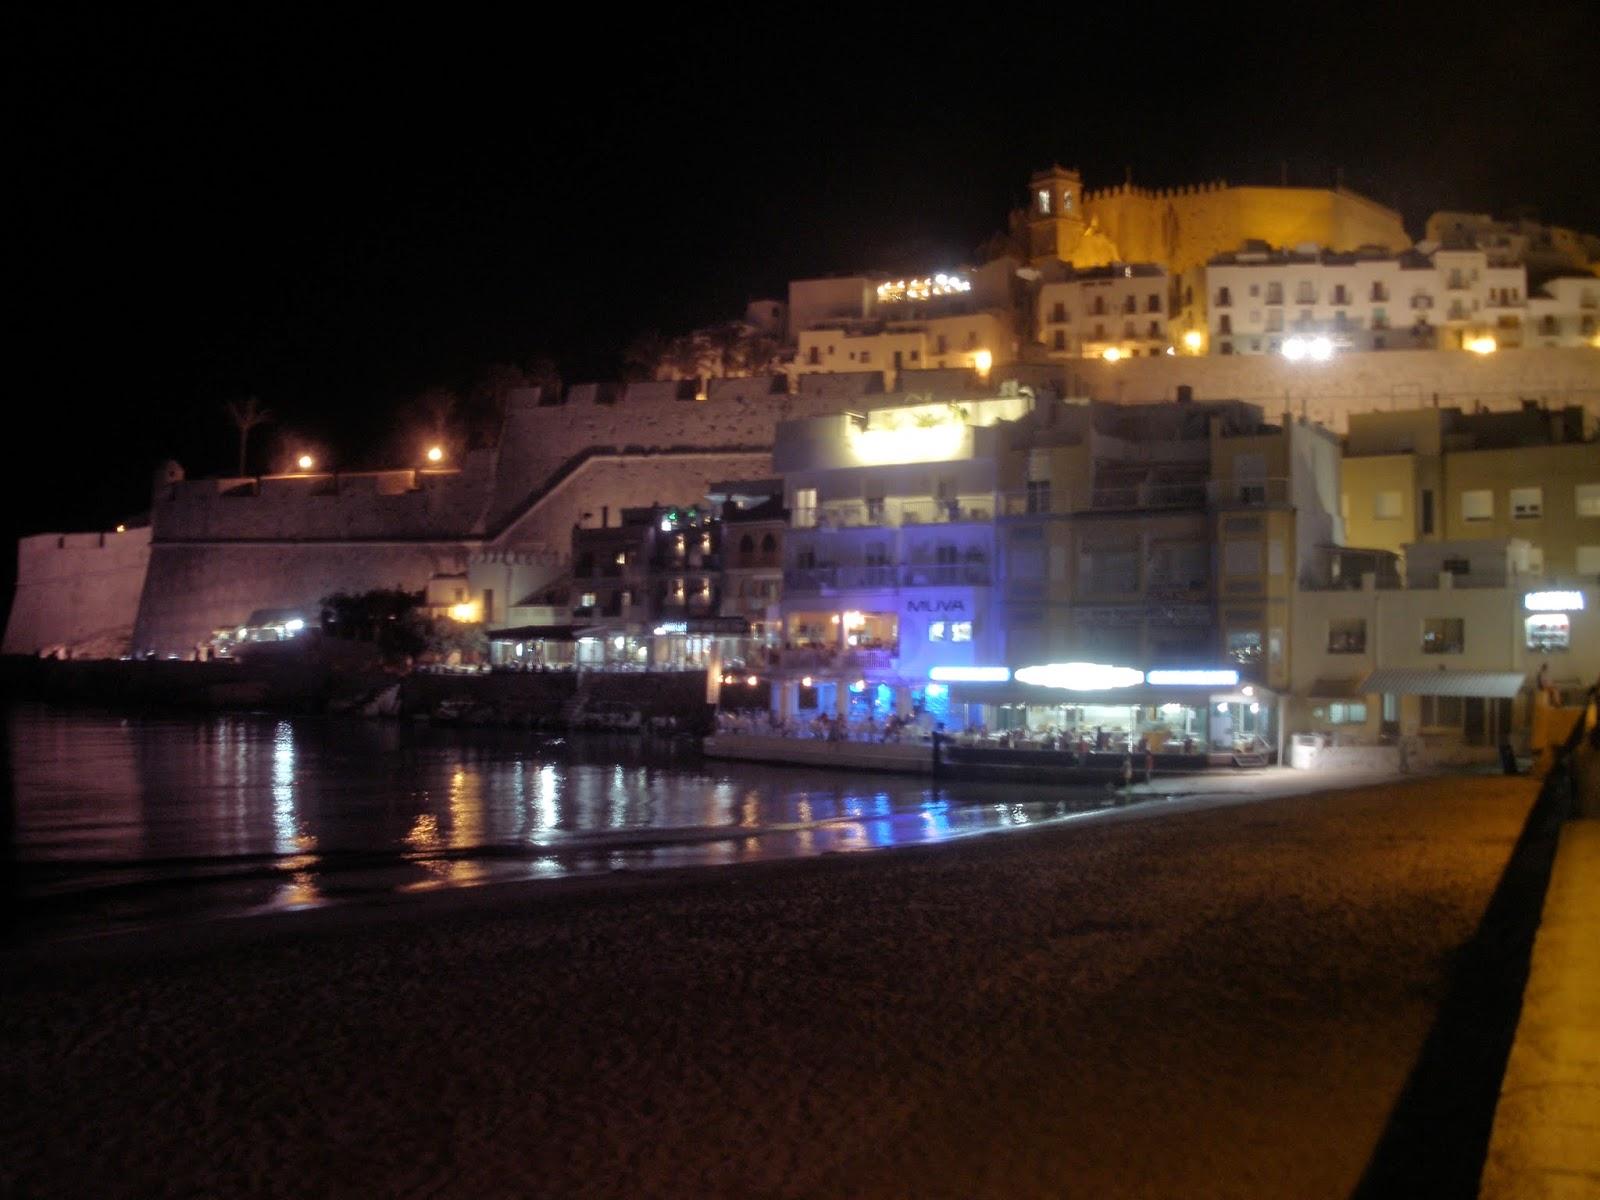 Vista nocturna del casco antiguo amurallado con el Castillo de Peñíscola en su parte más alta.